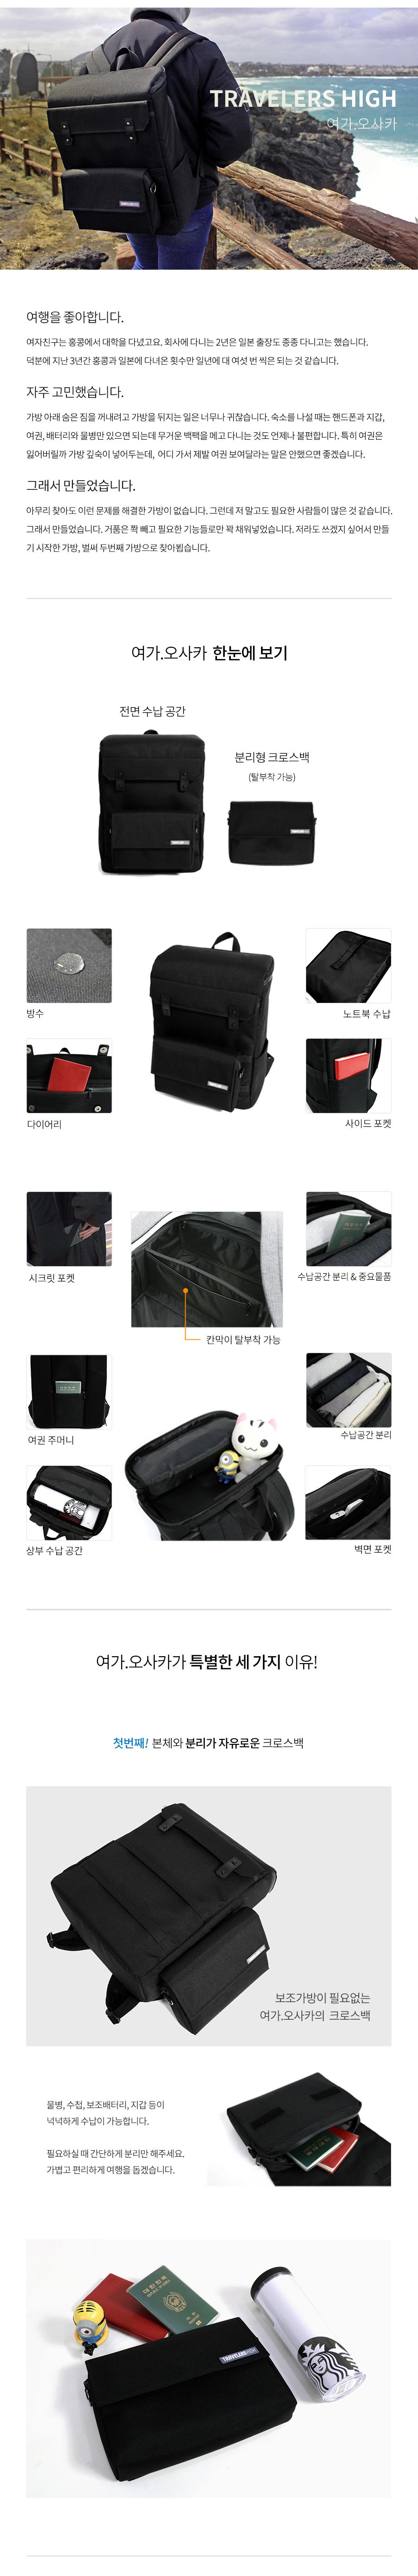 여행용백팩 | 백팩 | 여행백팩 | 여행가방 | 홍콩 가방 | 오사카 가방 | 트래블러스 하이